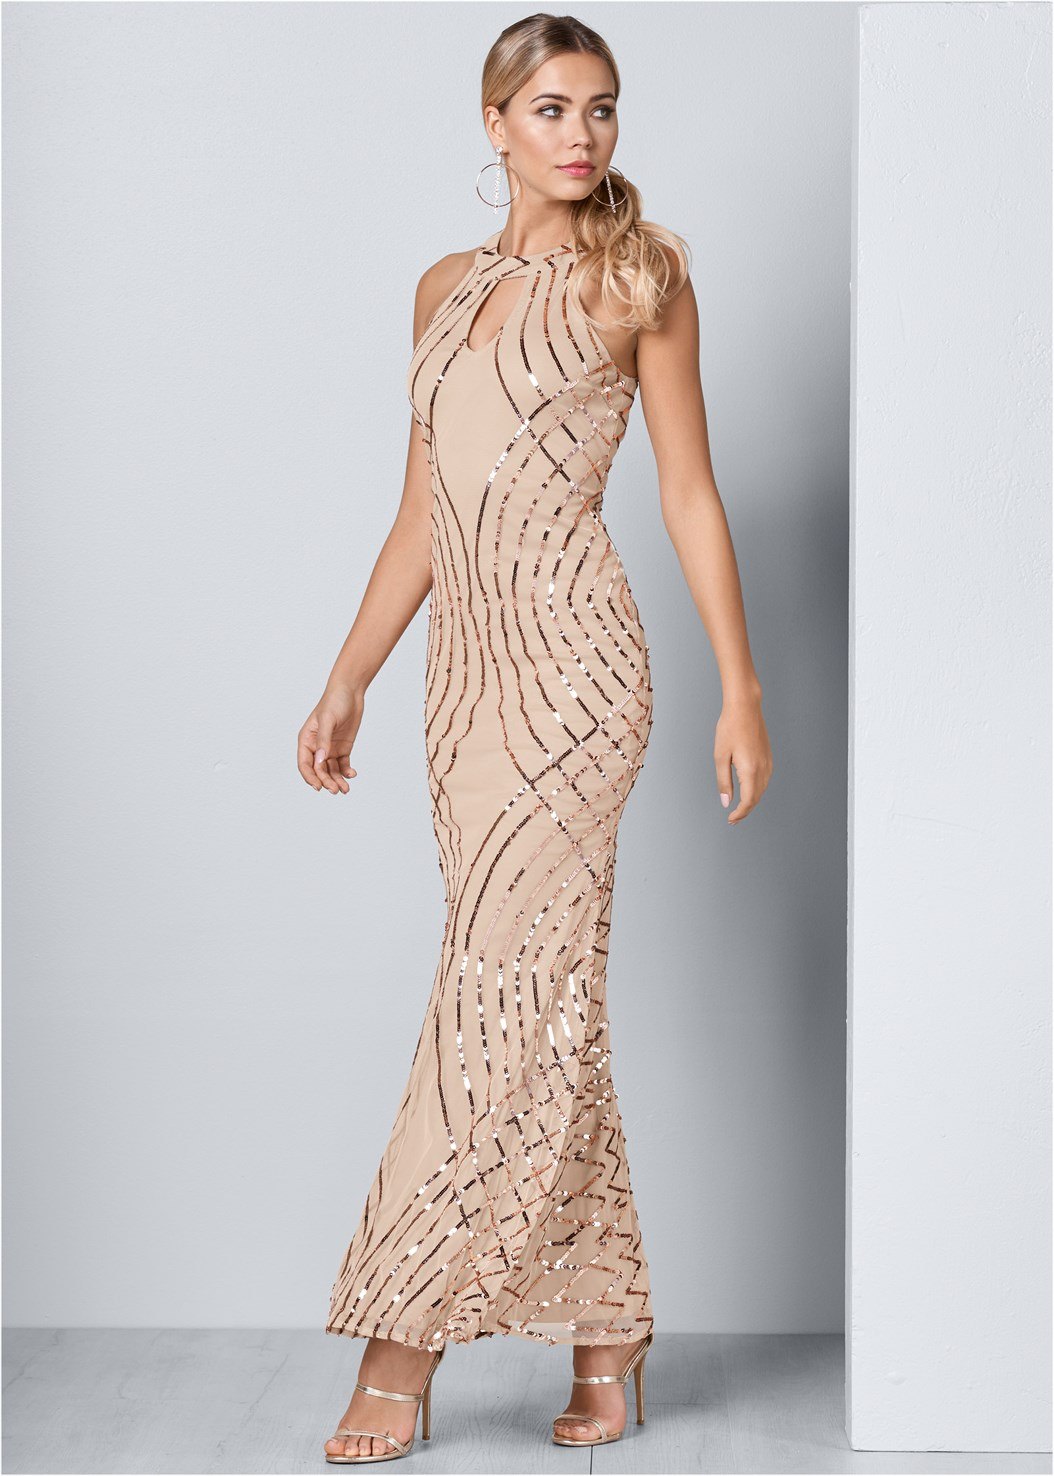 Sequin Detail Long Dress